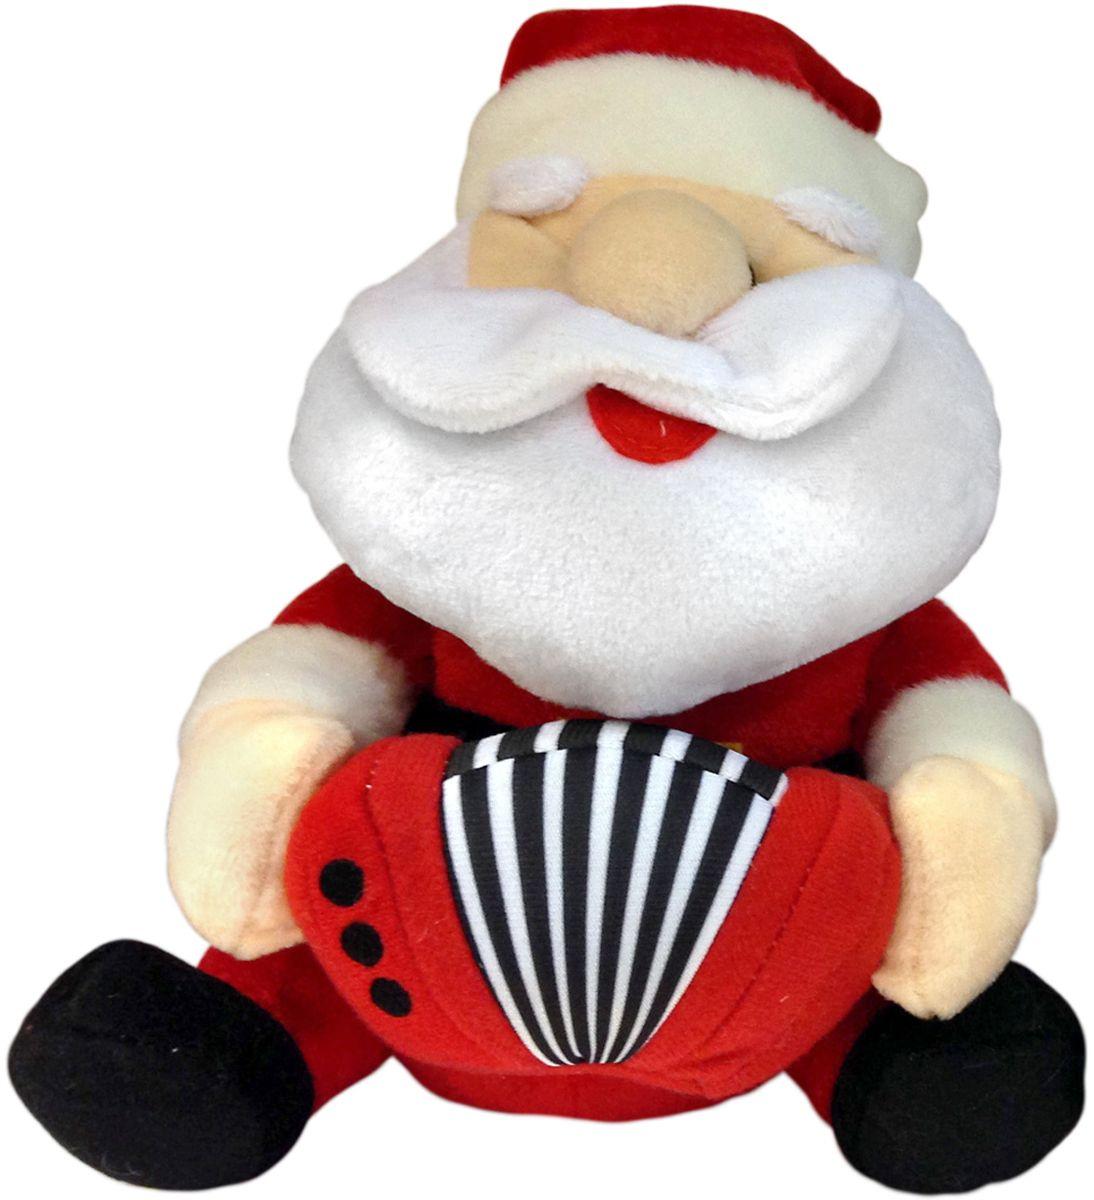 Lapa House Мягкая озвученная игрушка Санта с гармонью 21 см